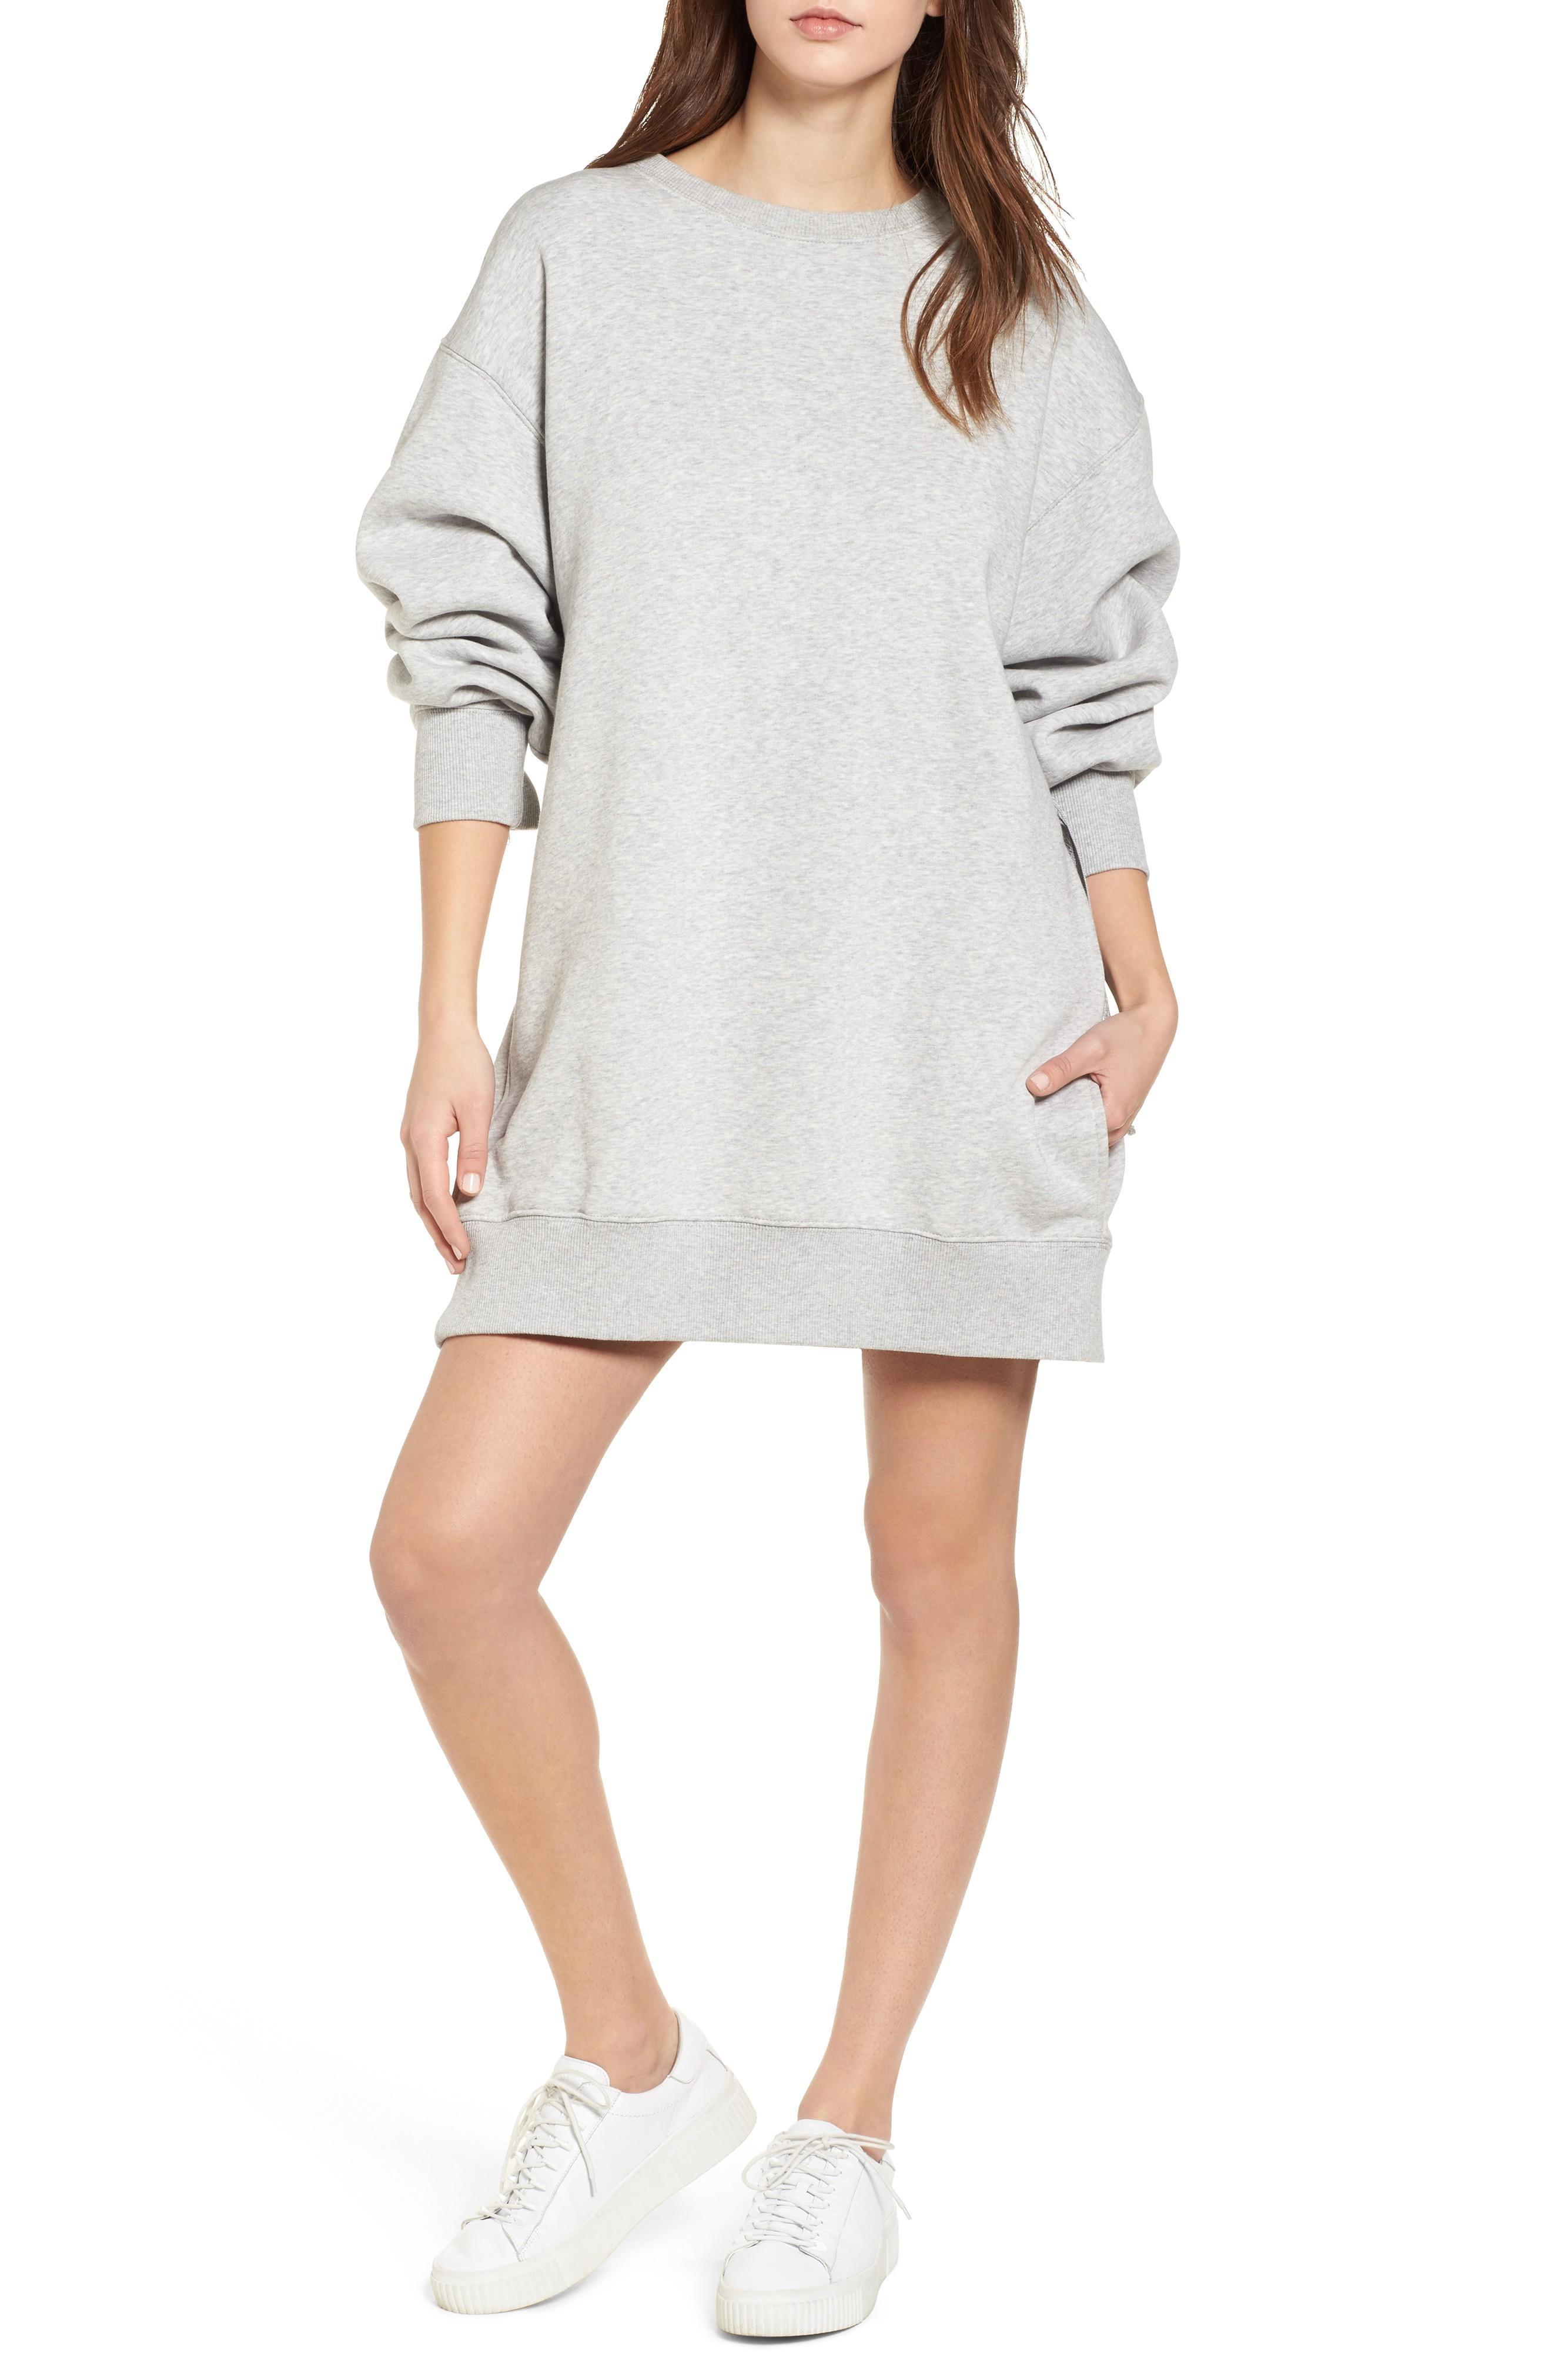 73eb6f2d892 Tommy Jeans X Gigi Hadid Sweatshirt Dress In Light Grey Htr